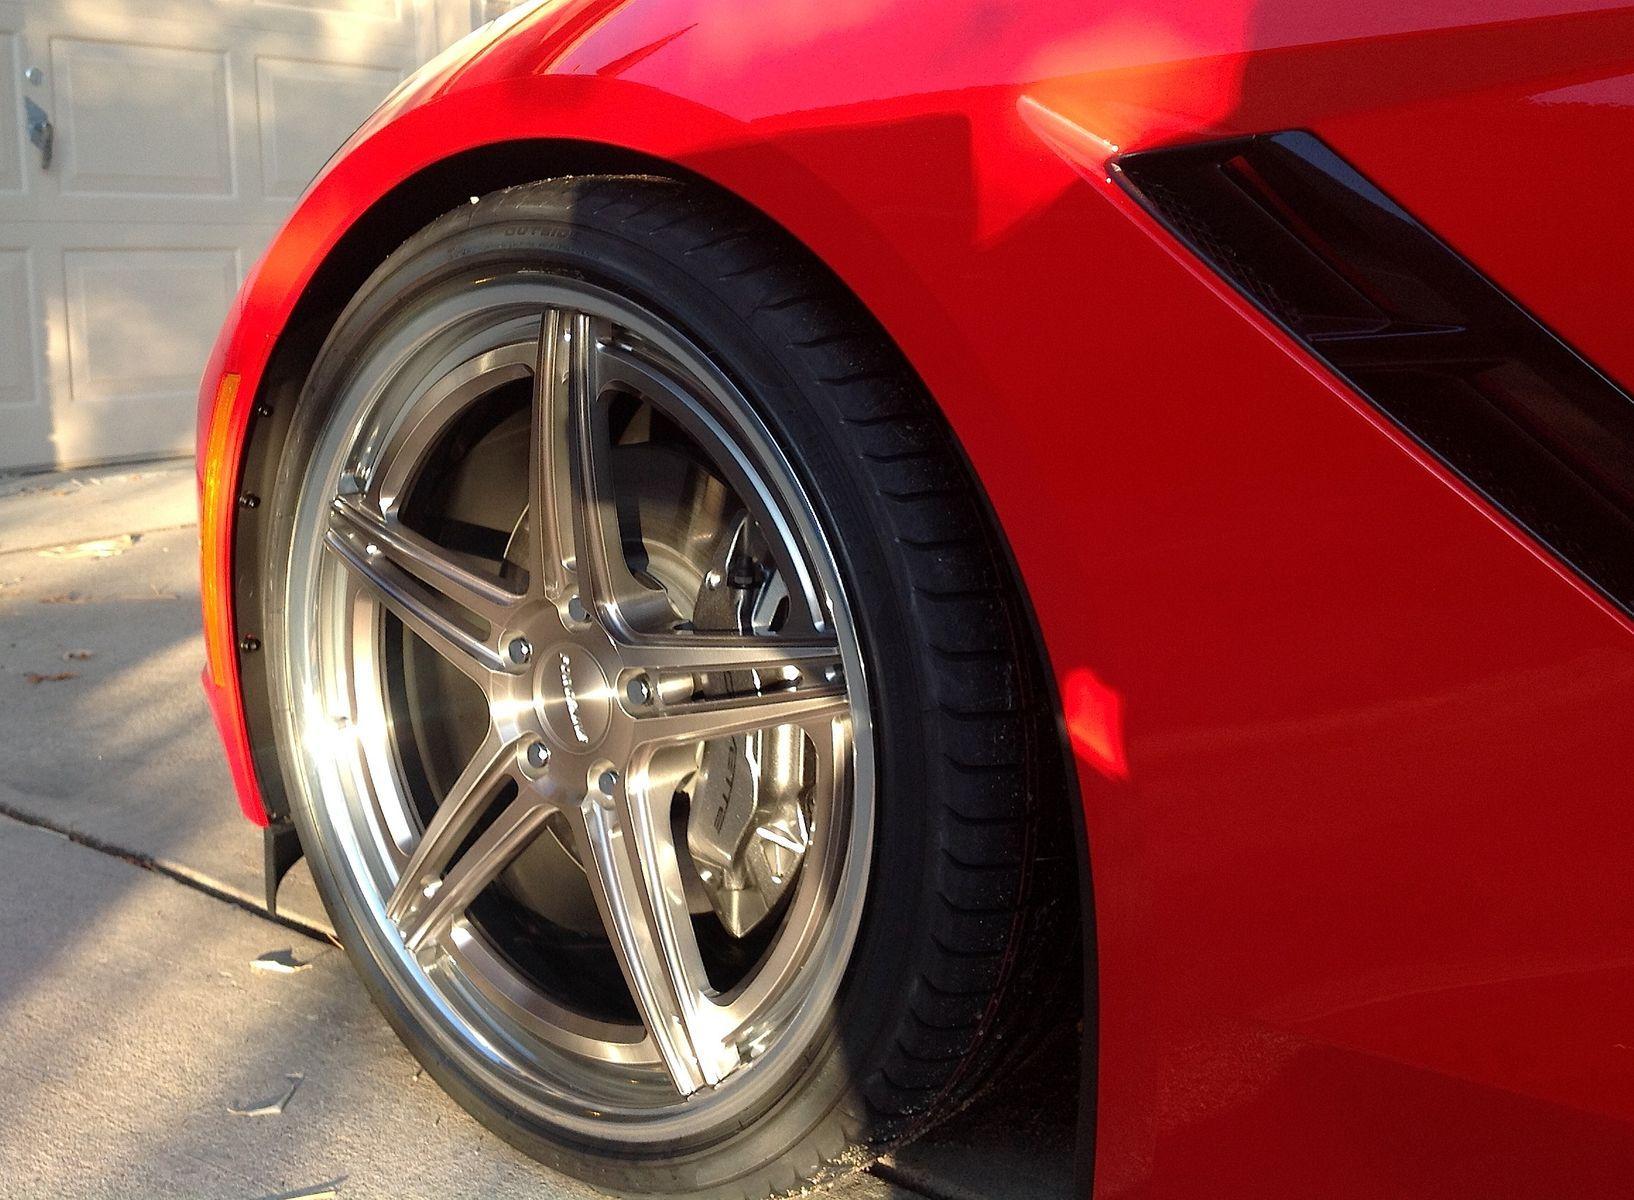 2014 Chevrolet Corvette Stingray | Gary Westerdale's C7 Corvette on Forgeline SC3C-SL Wheels